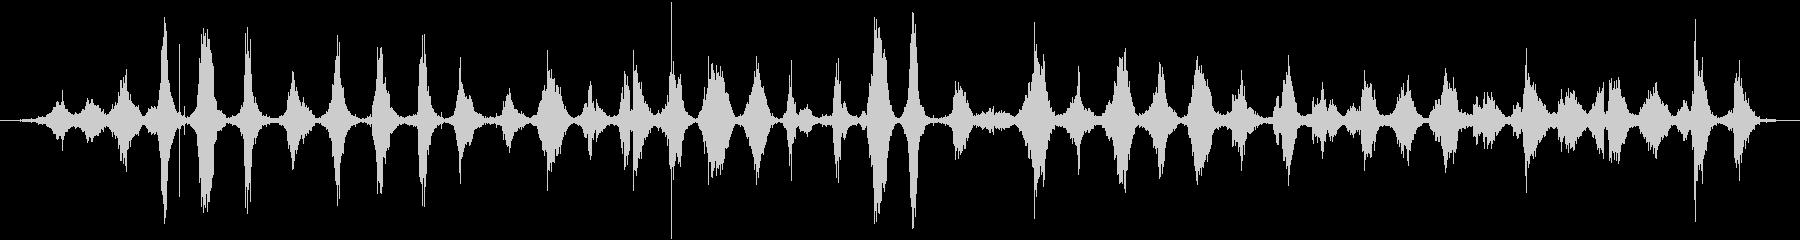 ナイロンジャケット:ムーブメント、...の未再生の波形